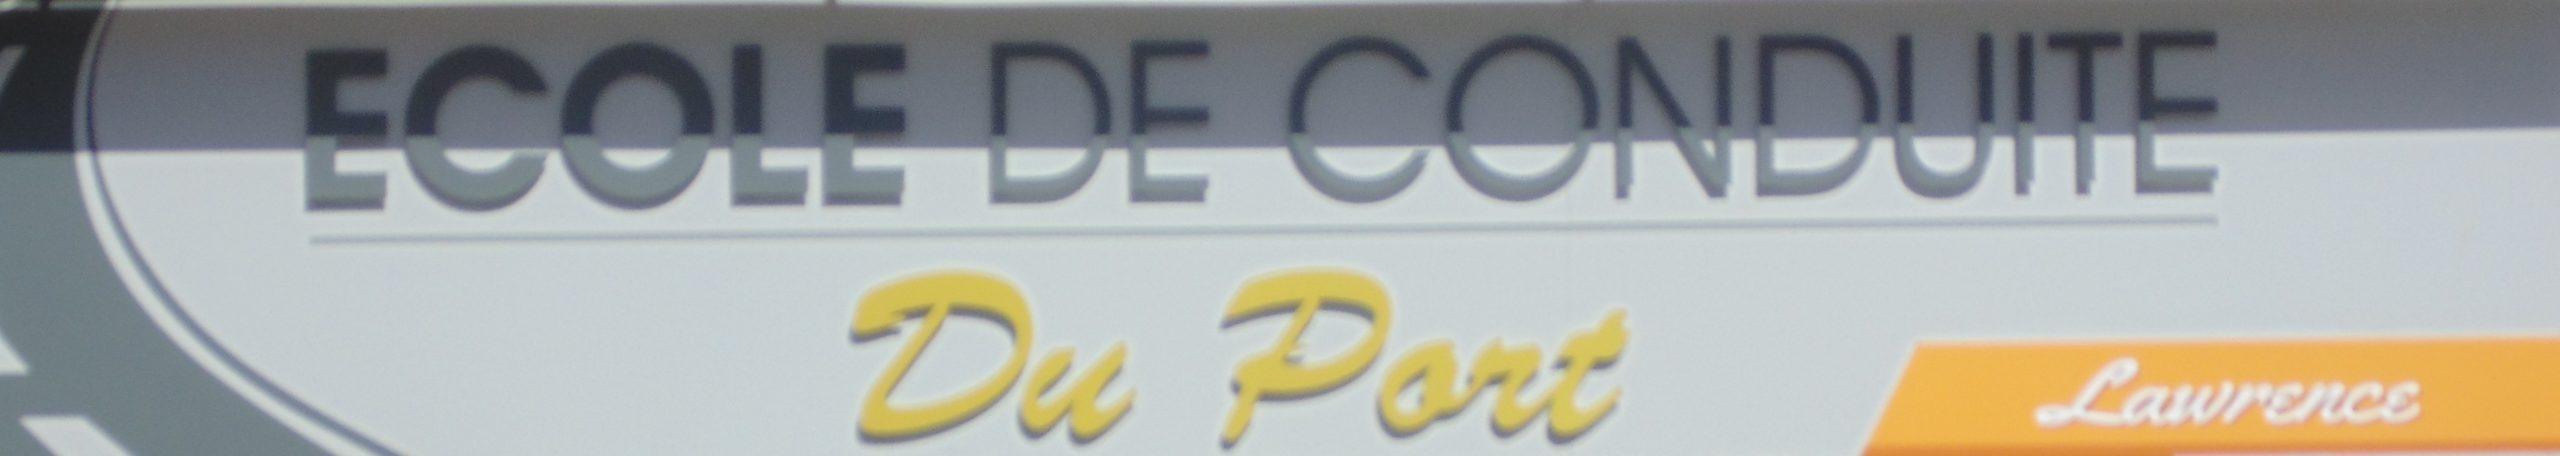 École de conduite Du Port